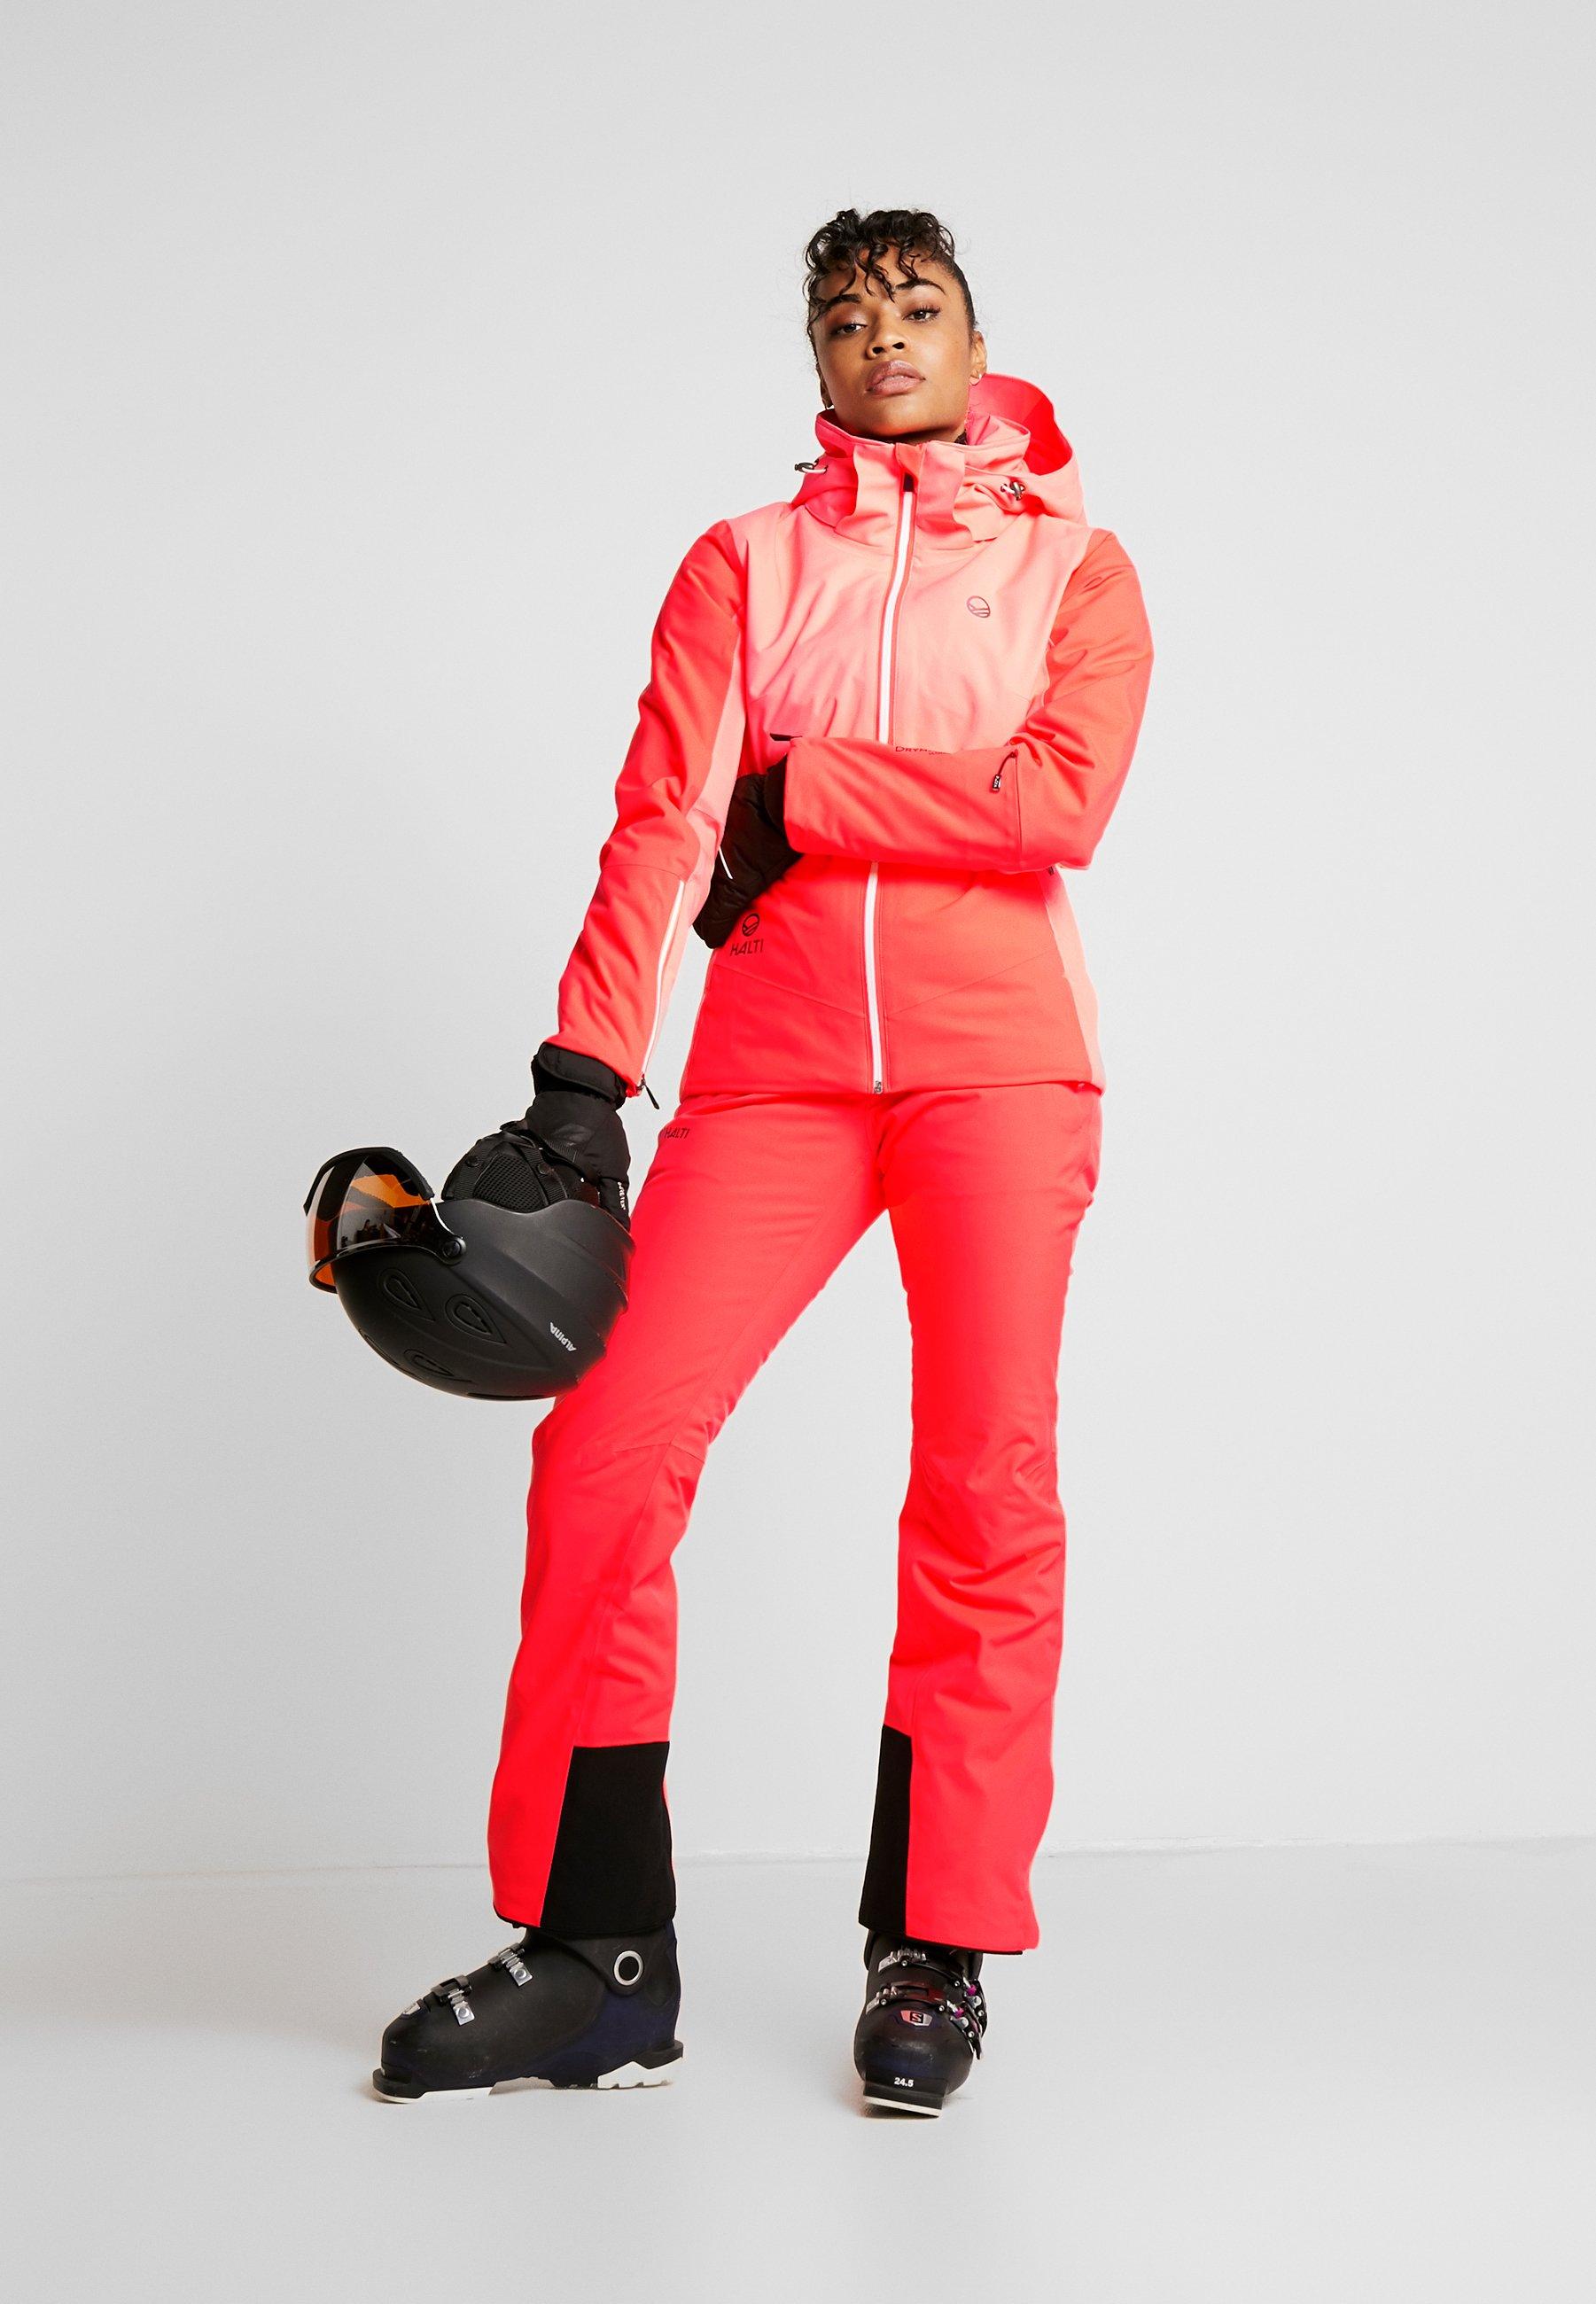 doudoune ski homme zalando,chaussure de ski homme tres